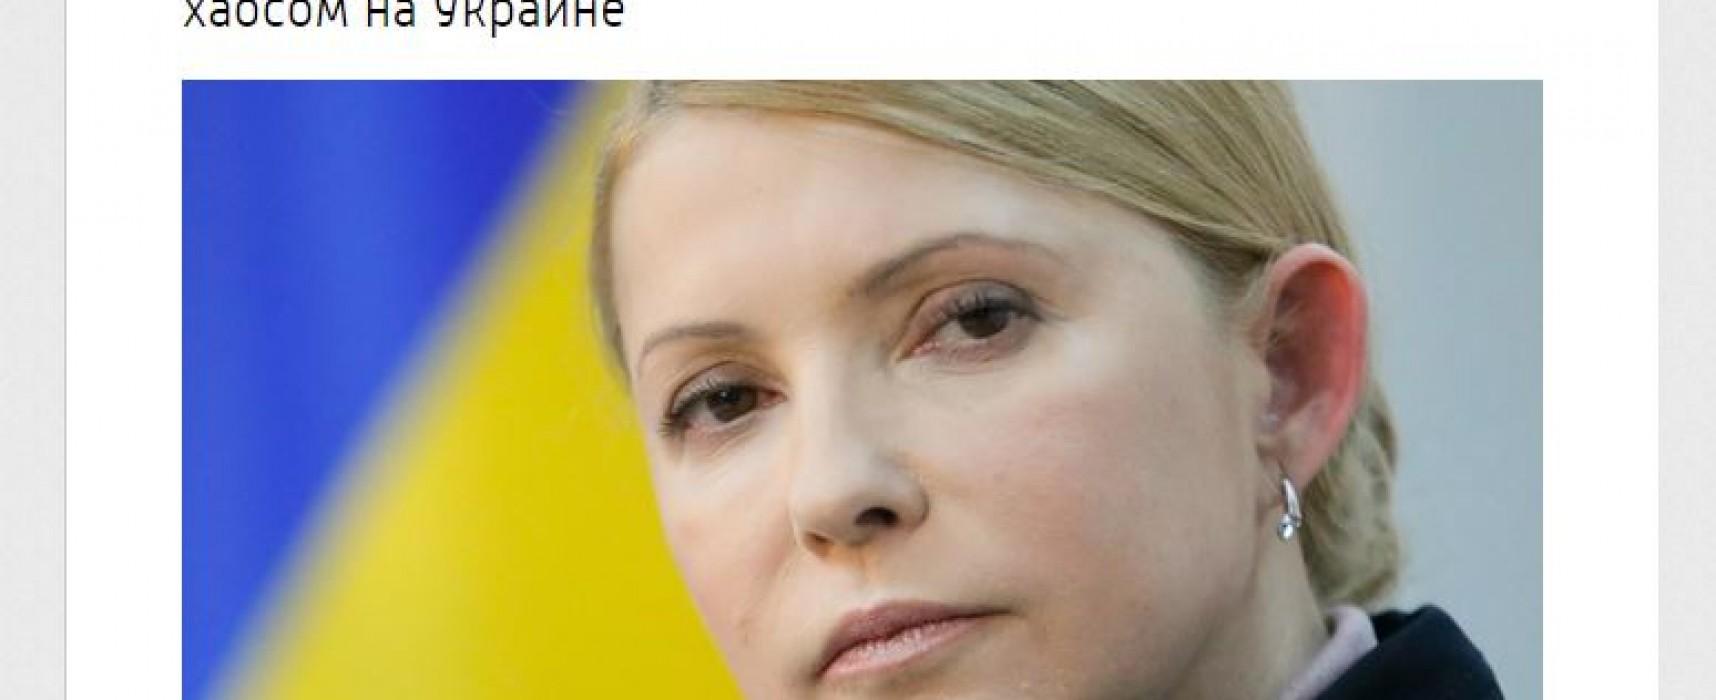 Фейк: Тимошенко планирует государственный переворот в Киеве